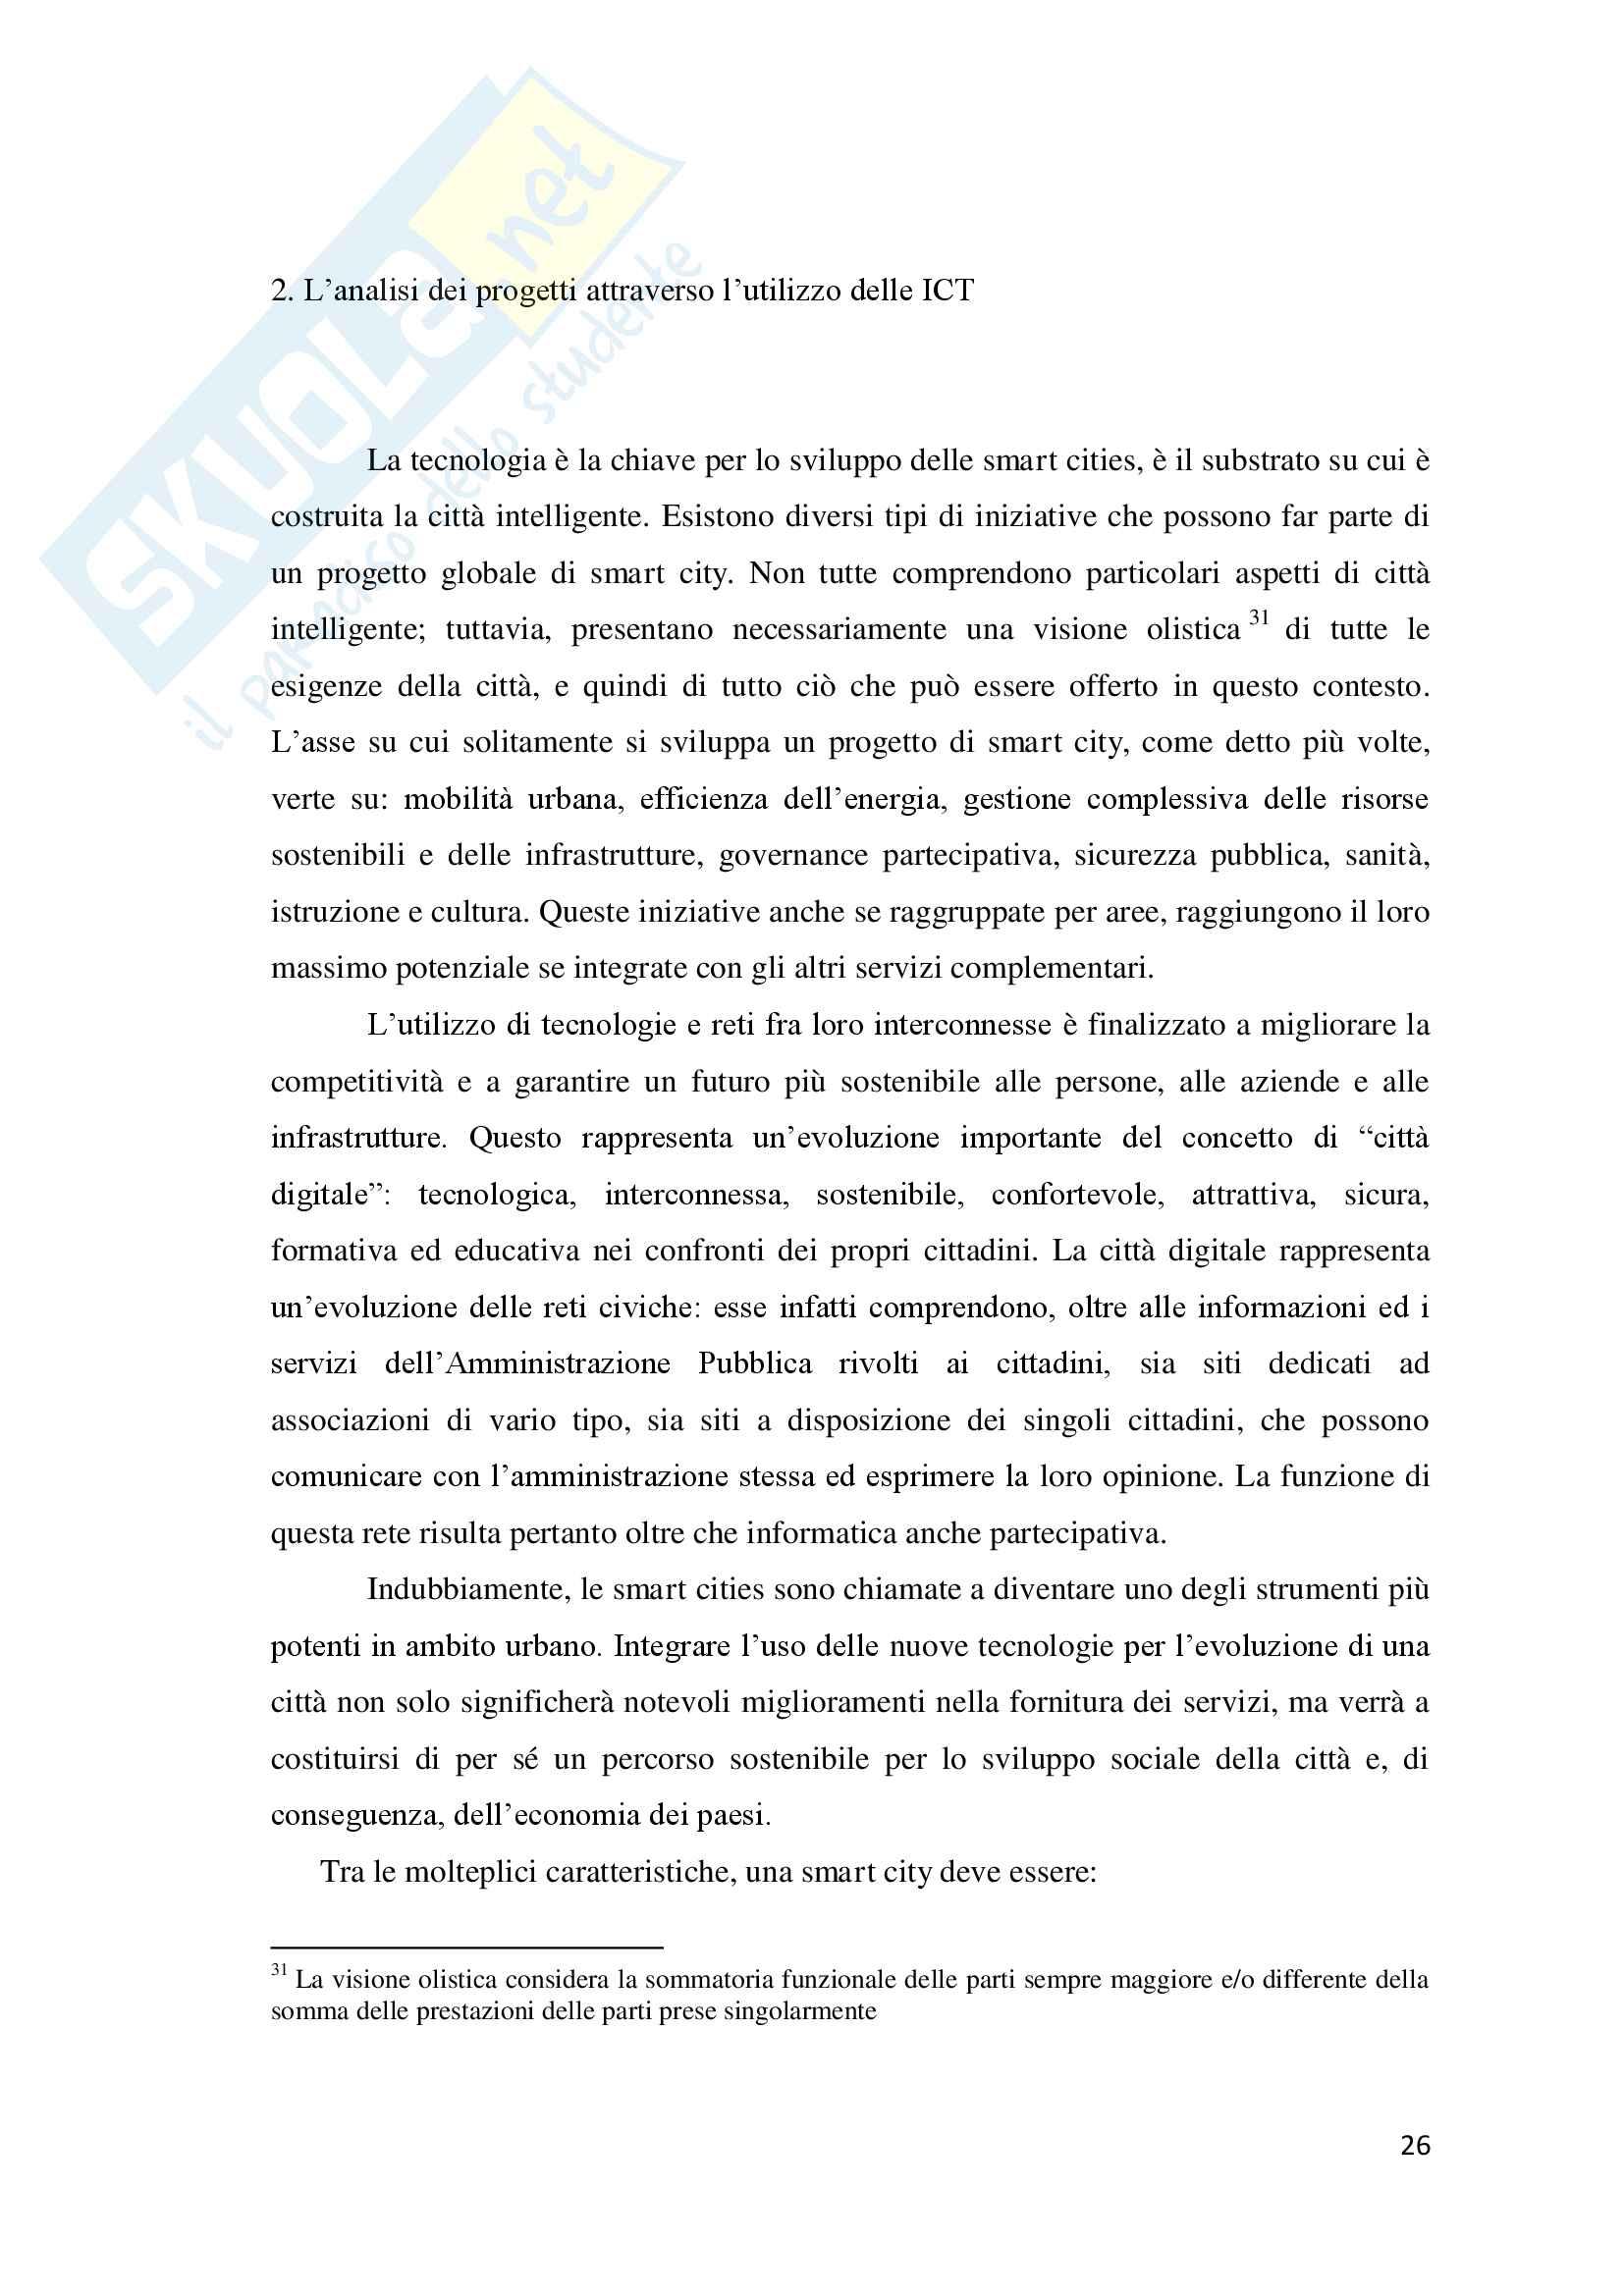 Torino Smart City: la rigenerazione della città attraverso le Information and Communication Technologies. Pag. 26